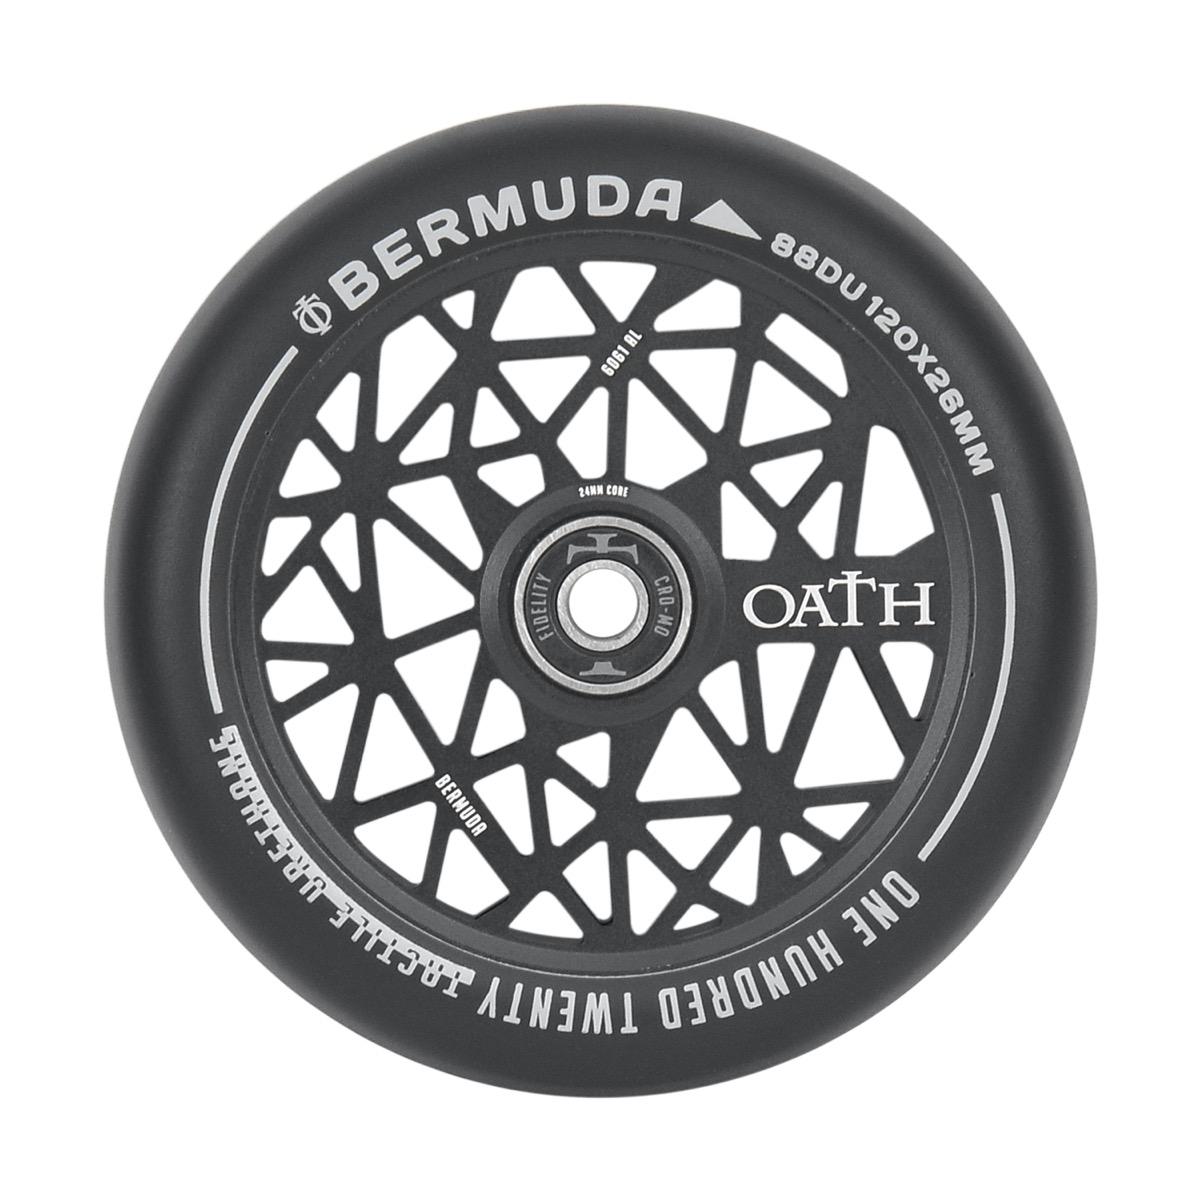 Oath Bermuda 120mm Stunt Scooter Wheels